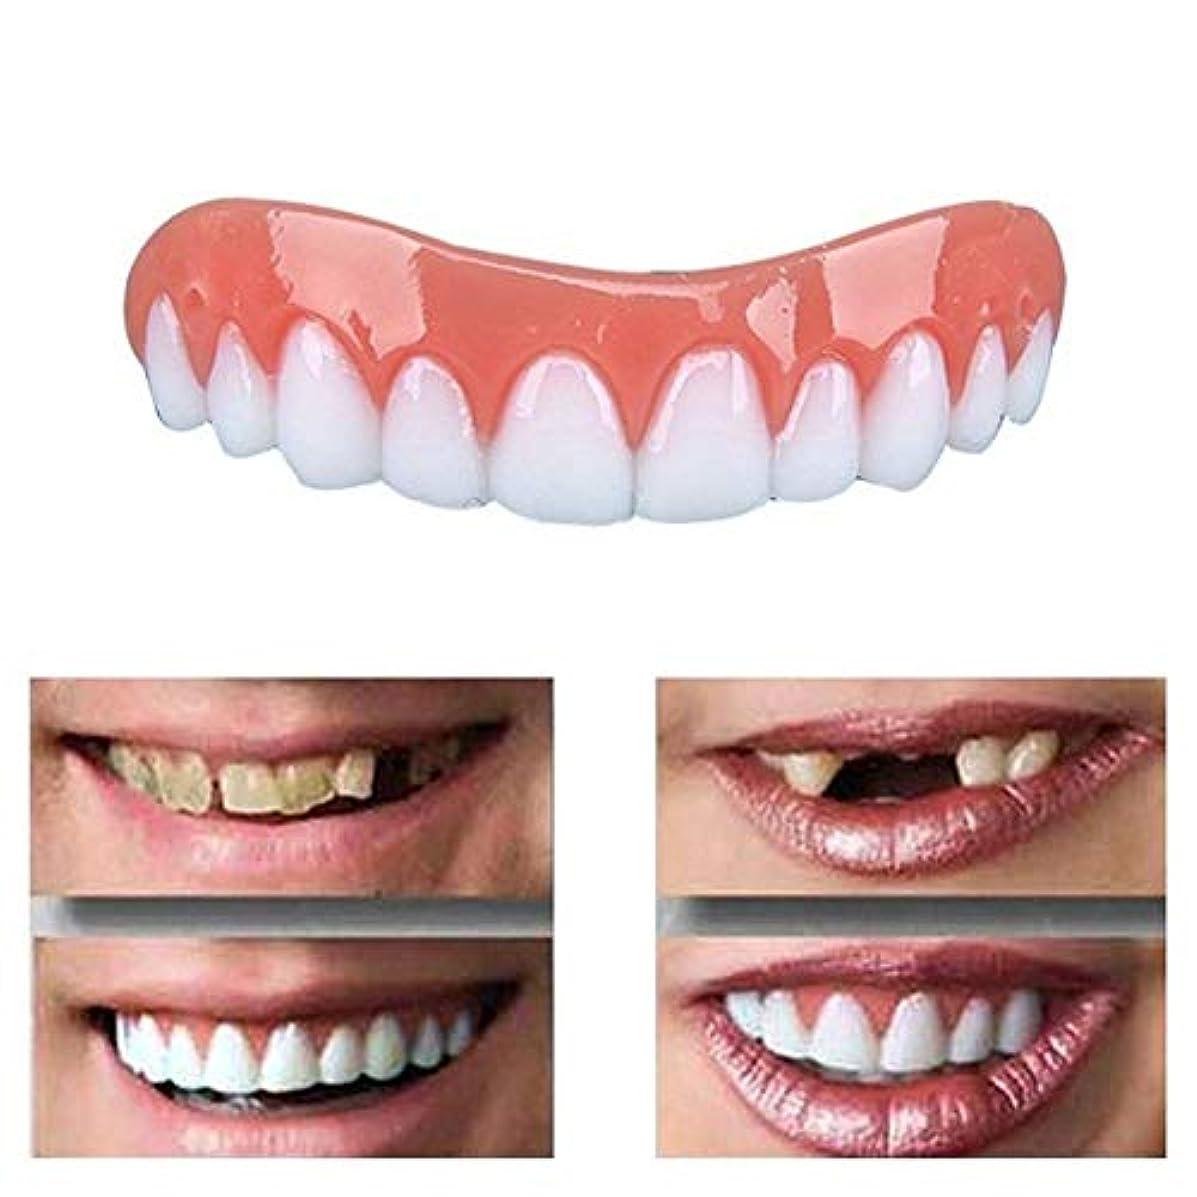 癌リットル収束する20ピースパーフェクトスマイルベニア偽の歯アッパー偽の歯カバースナップオン即時の歯化粧品義歯のケアオーラルケアシリコーンホワイトニング義歯